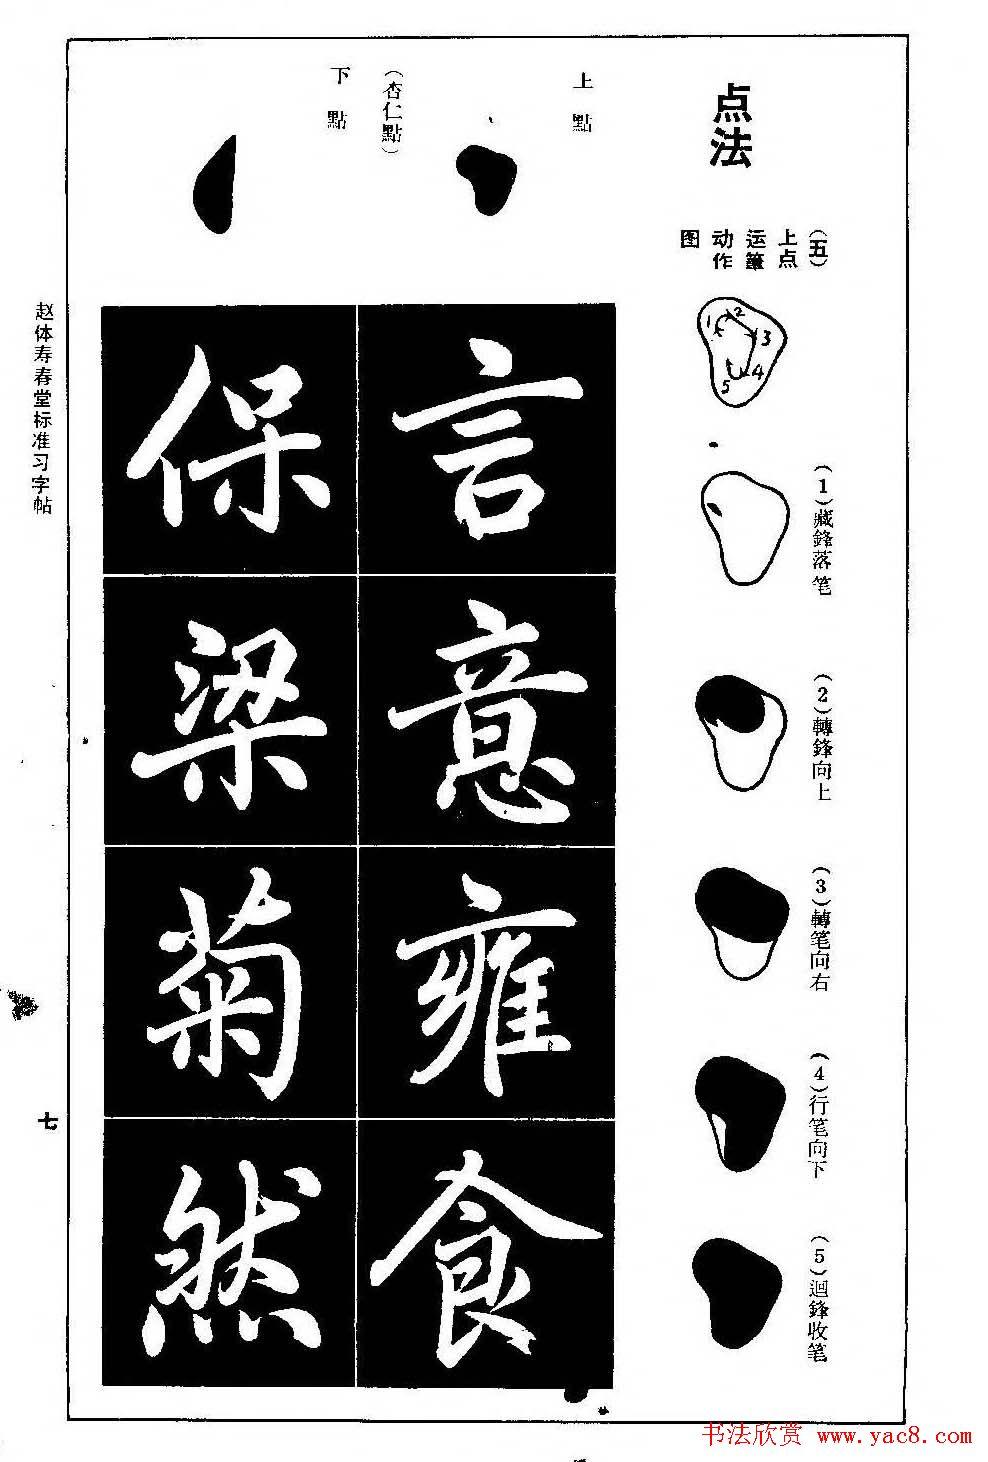 赵孟頫楷书字帖《赵体寿春堂标准习字帖》